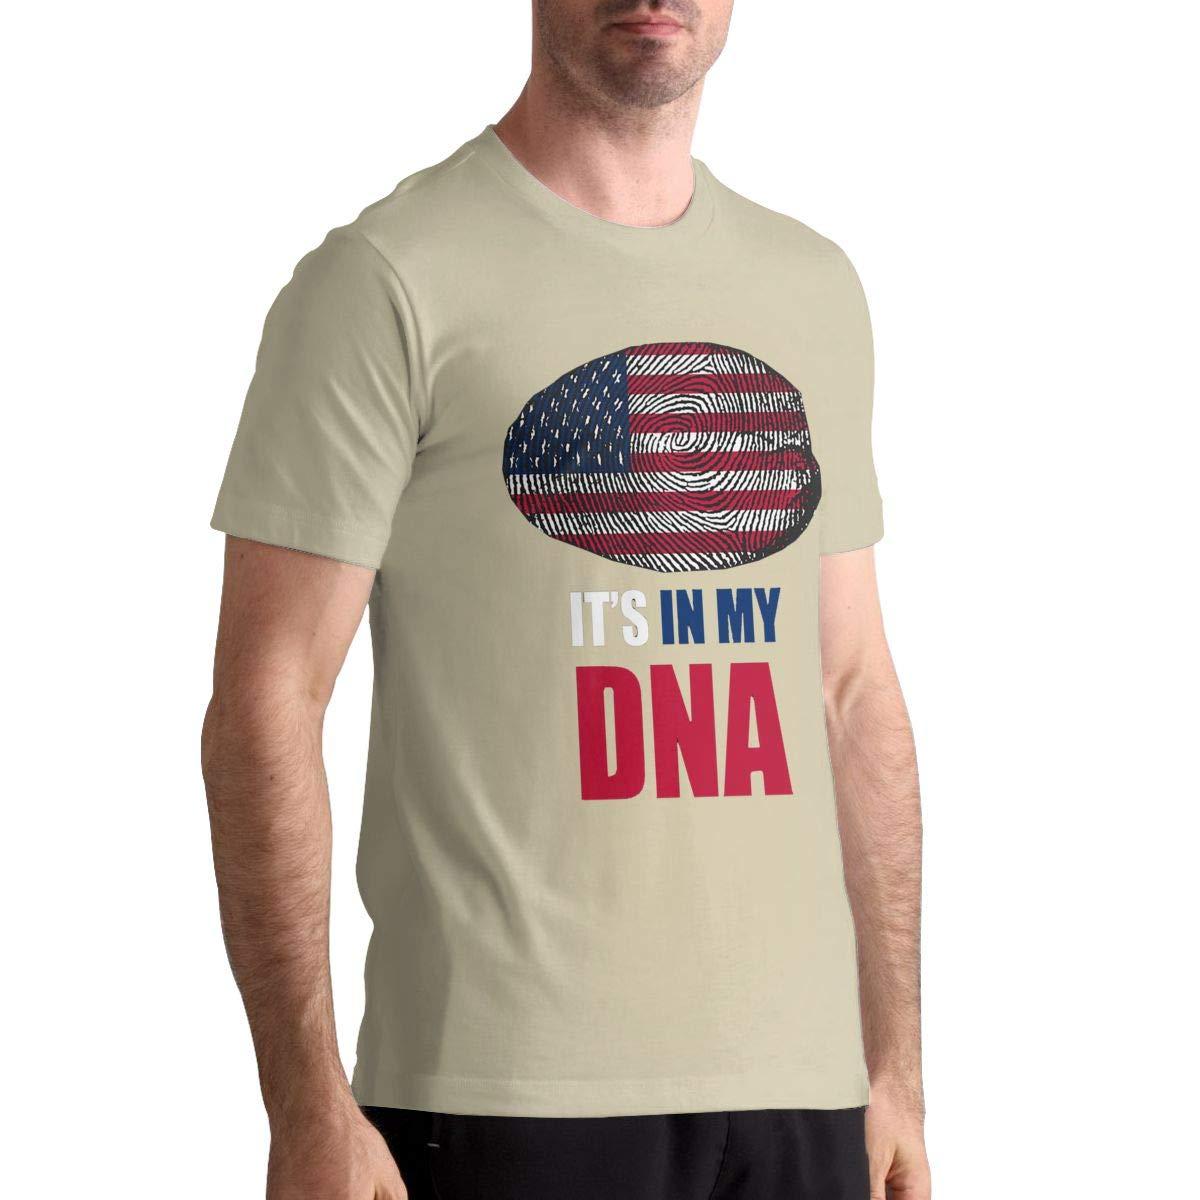 DANIELBURTON Cool Its in My DNA Mens Natural Shirts Top Tees Short Sleeve Shirts